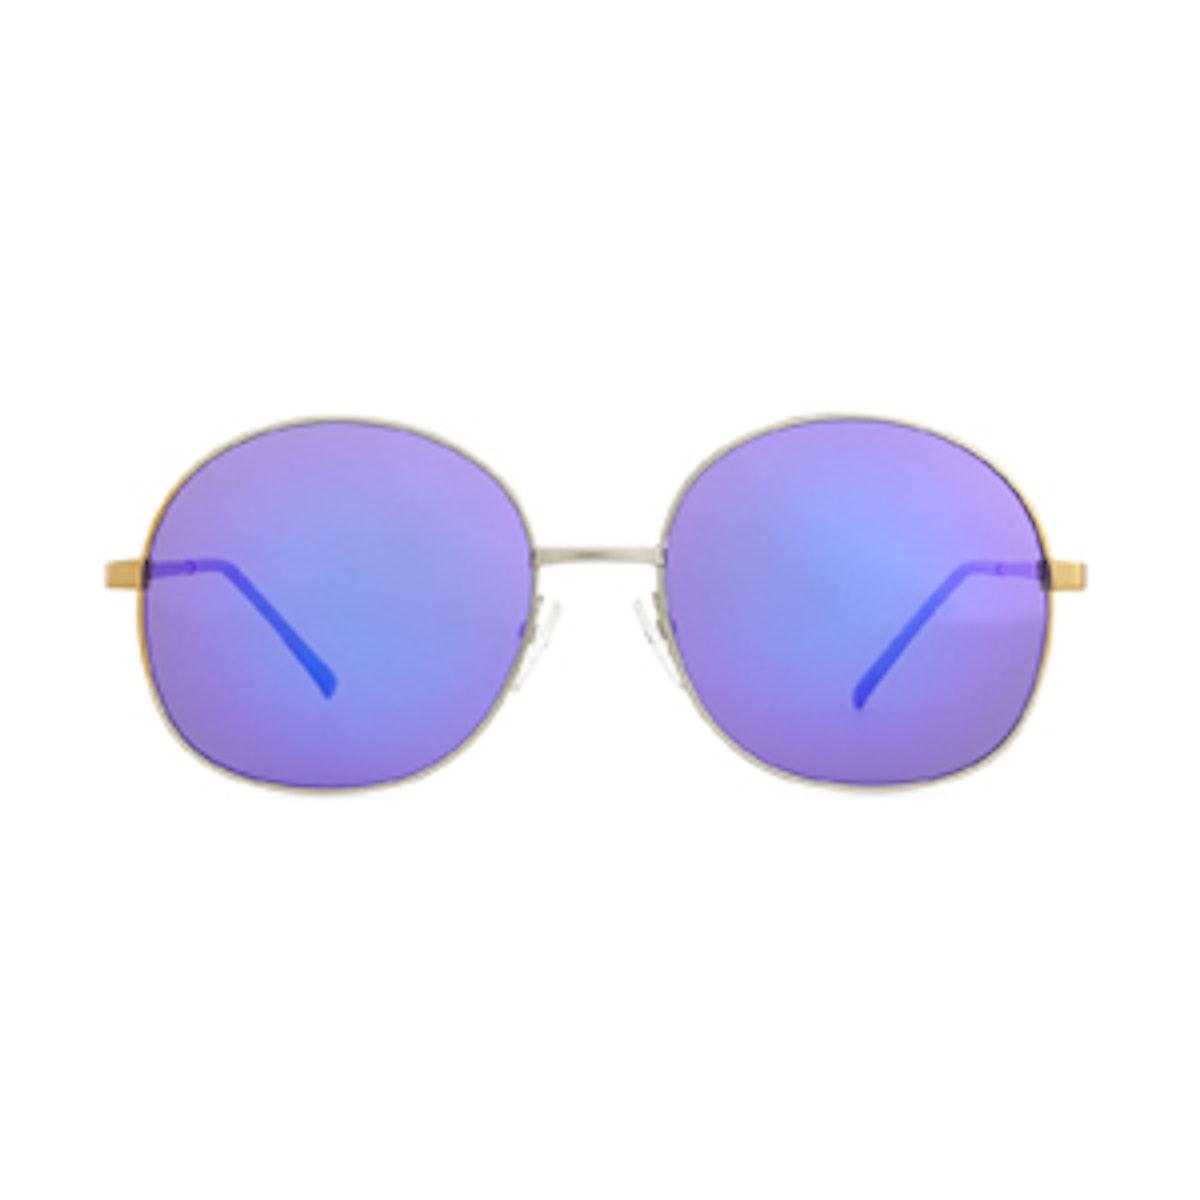 Alina Round Mirrored Sunglasses